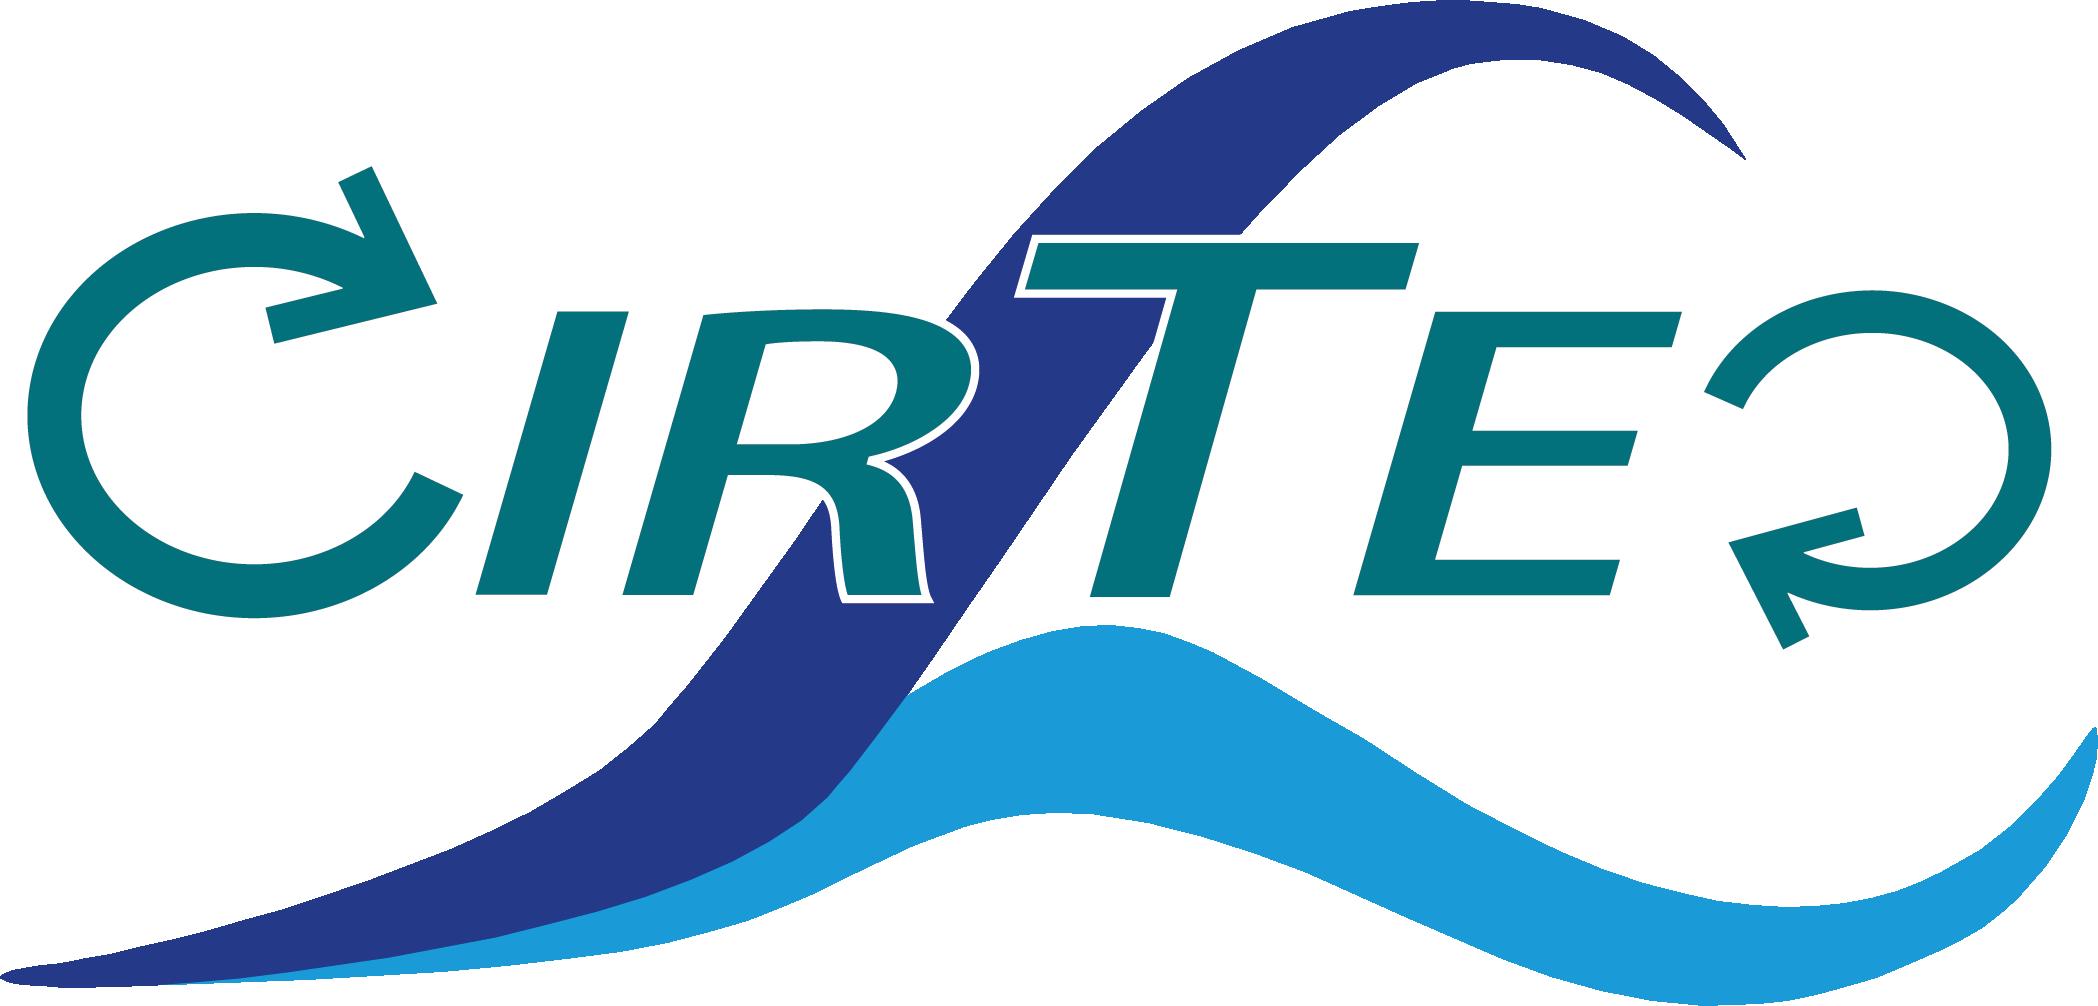 Cirtec logo